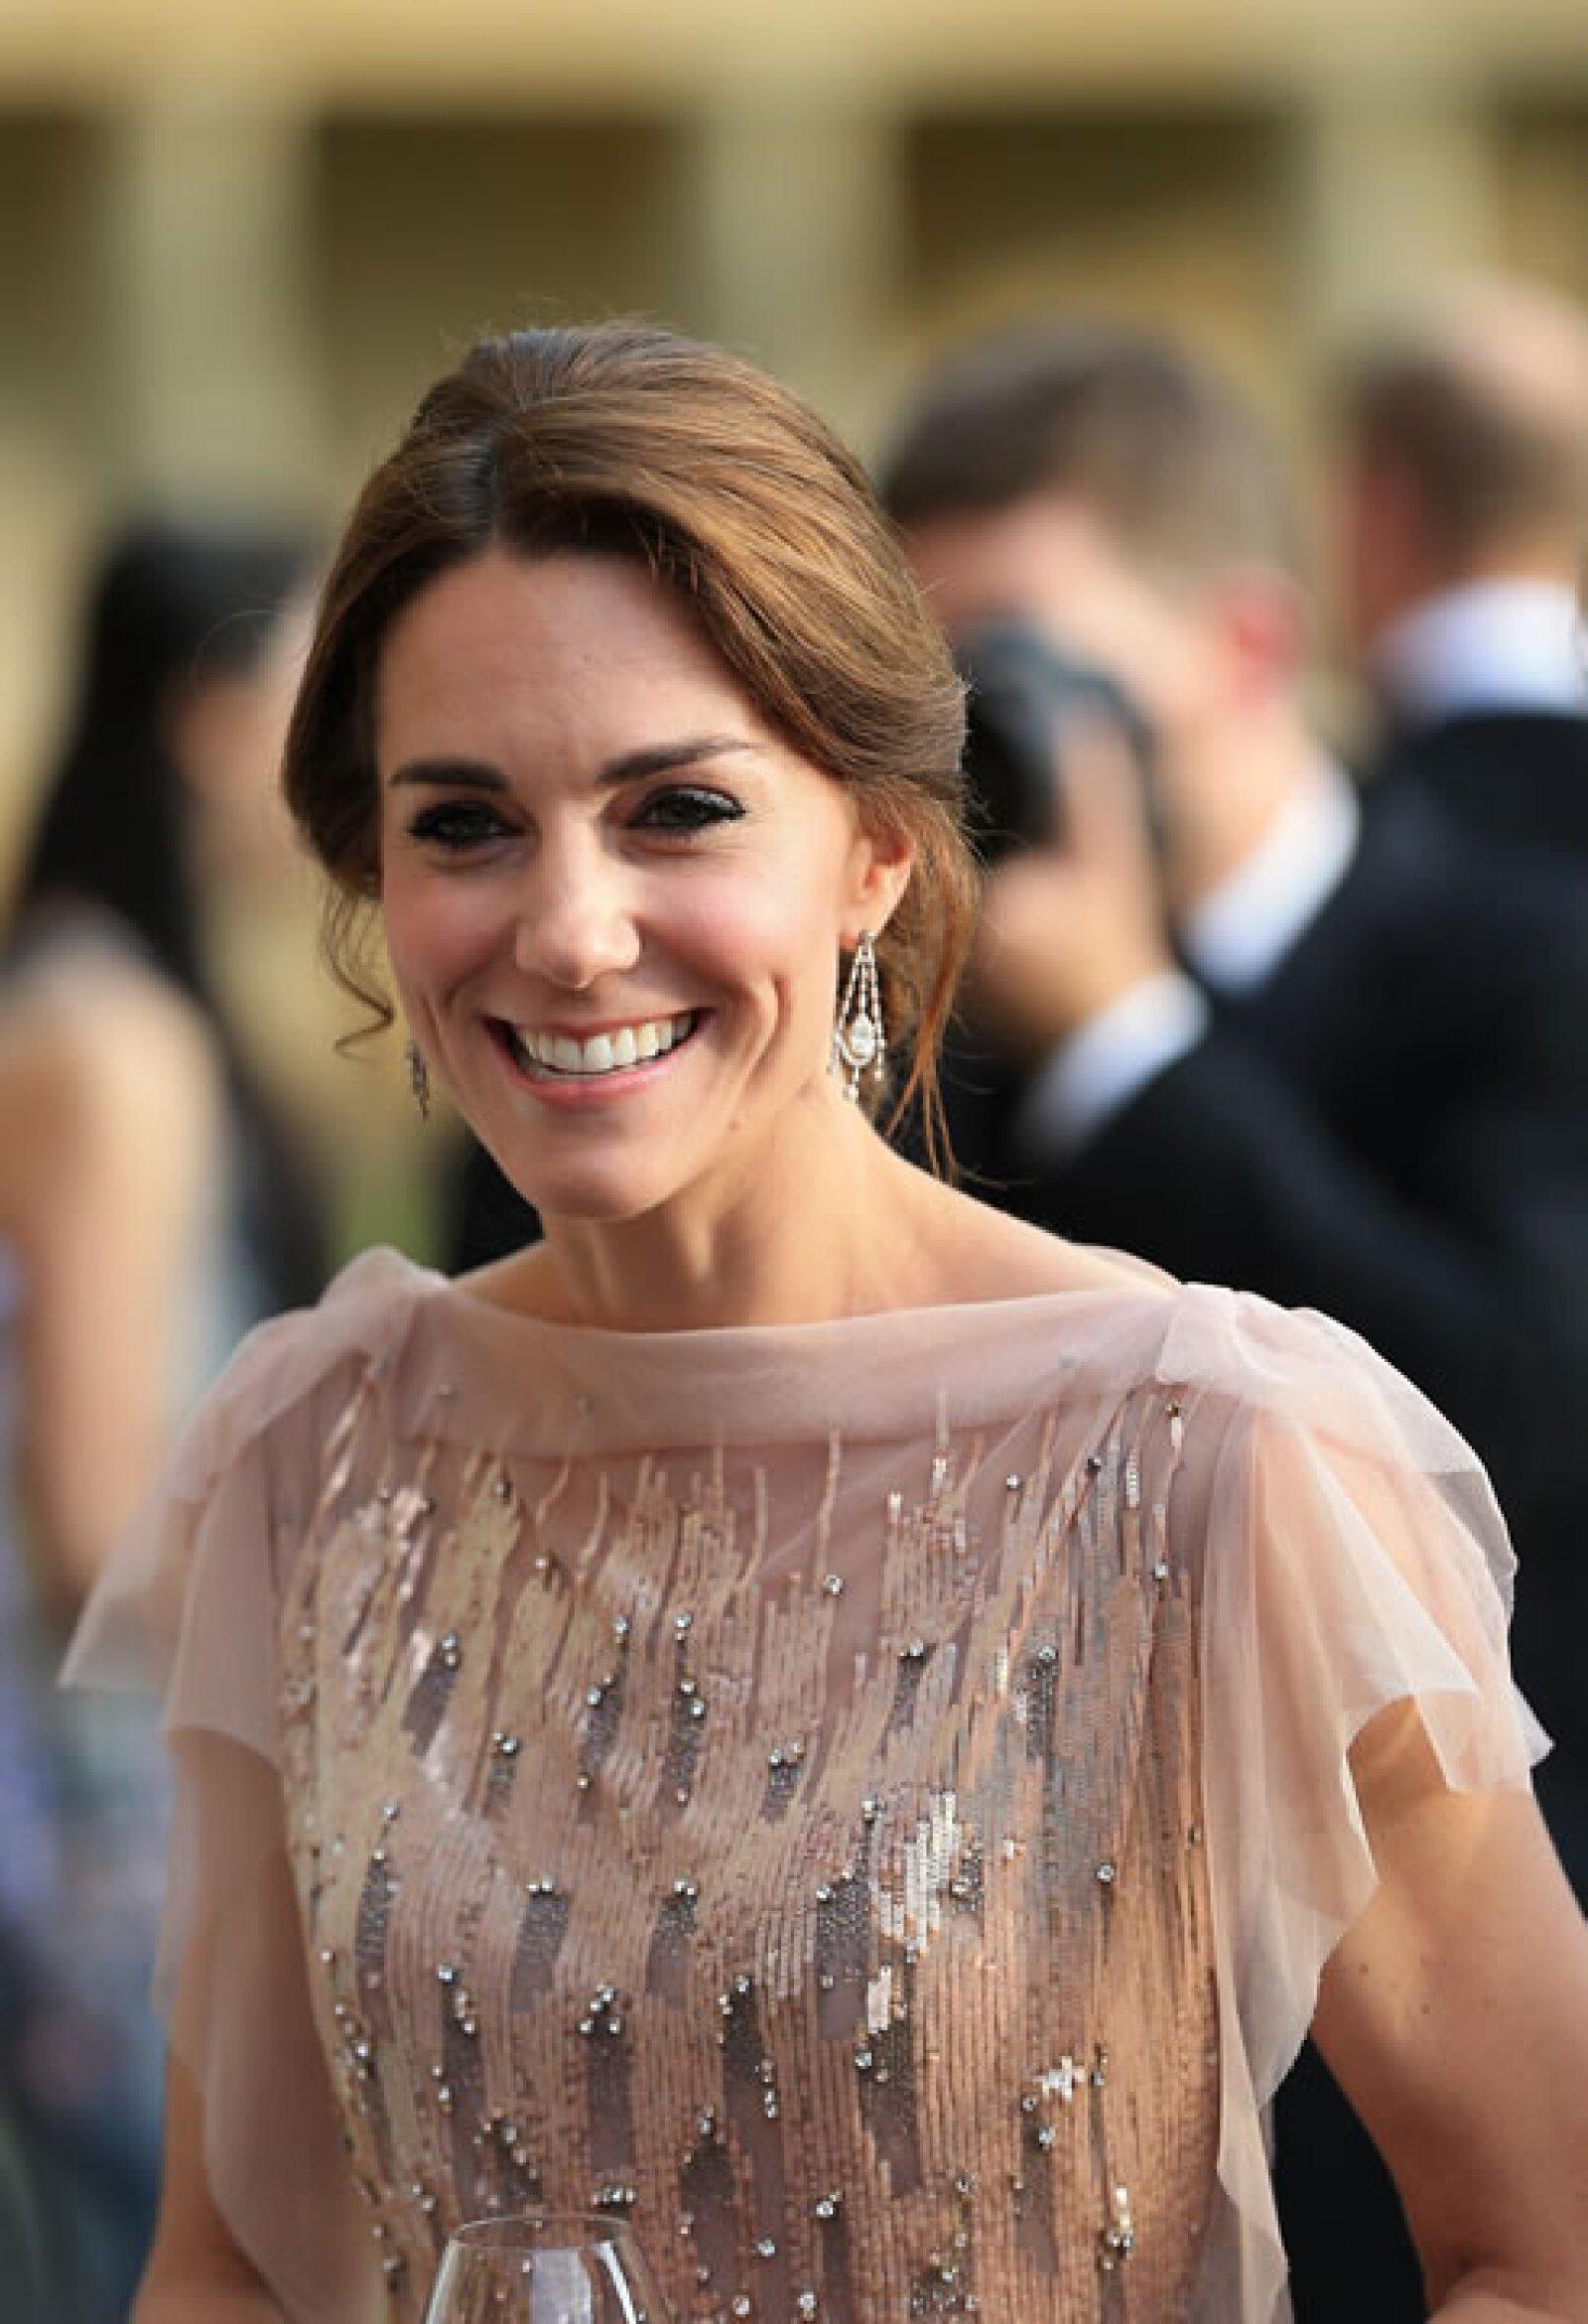 Kate Middleton, duquesa de Cambridge, acapara los reflectores por su estilo y belleza.